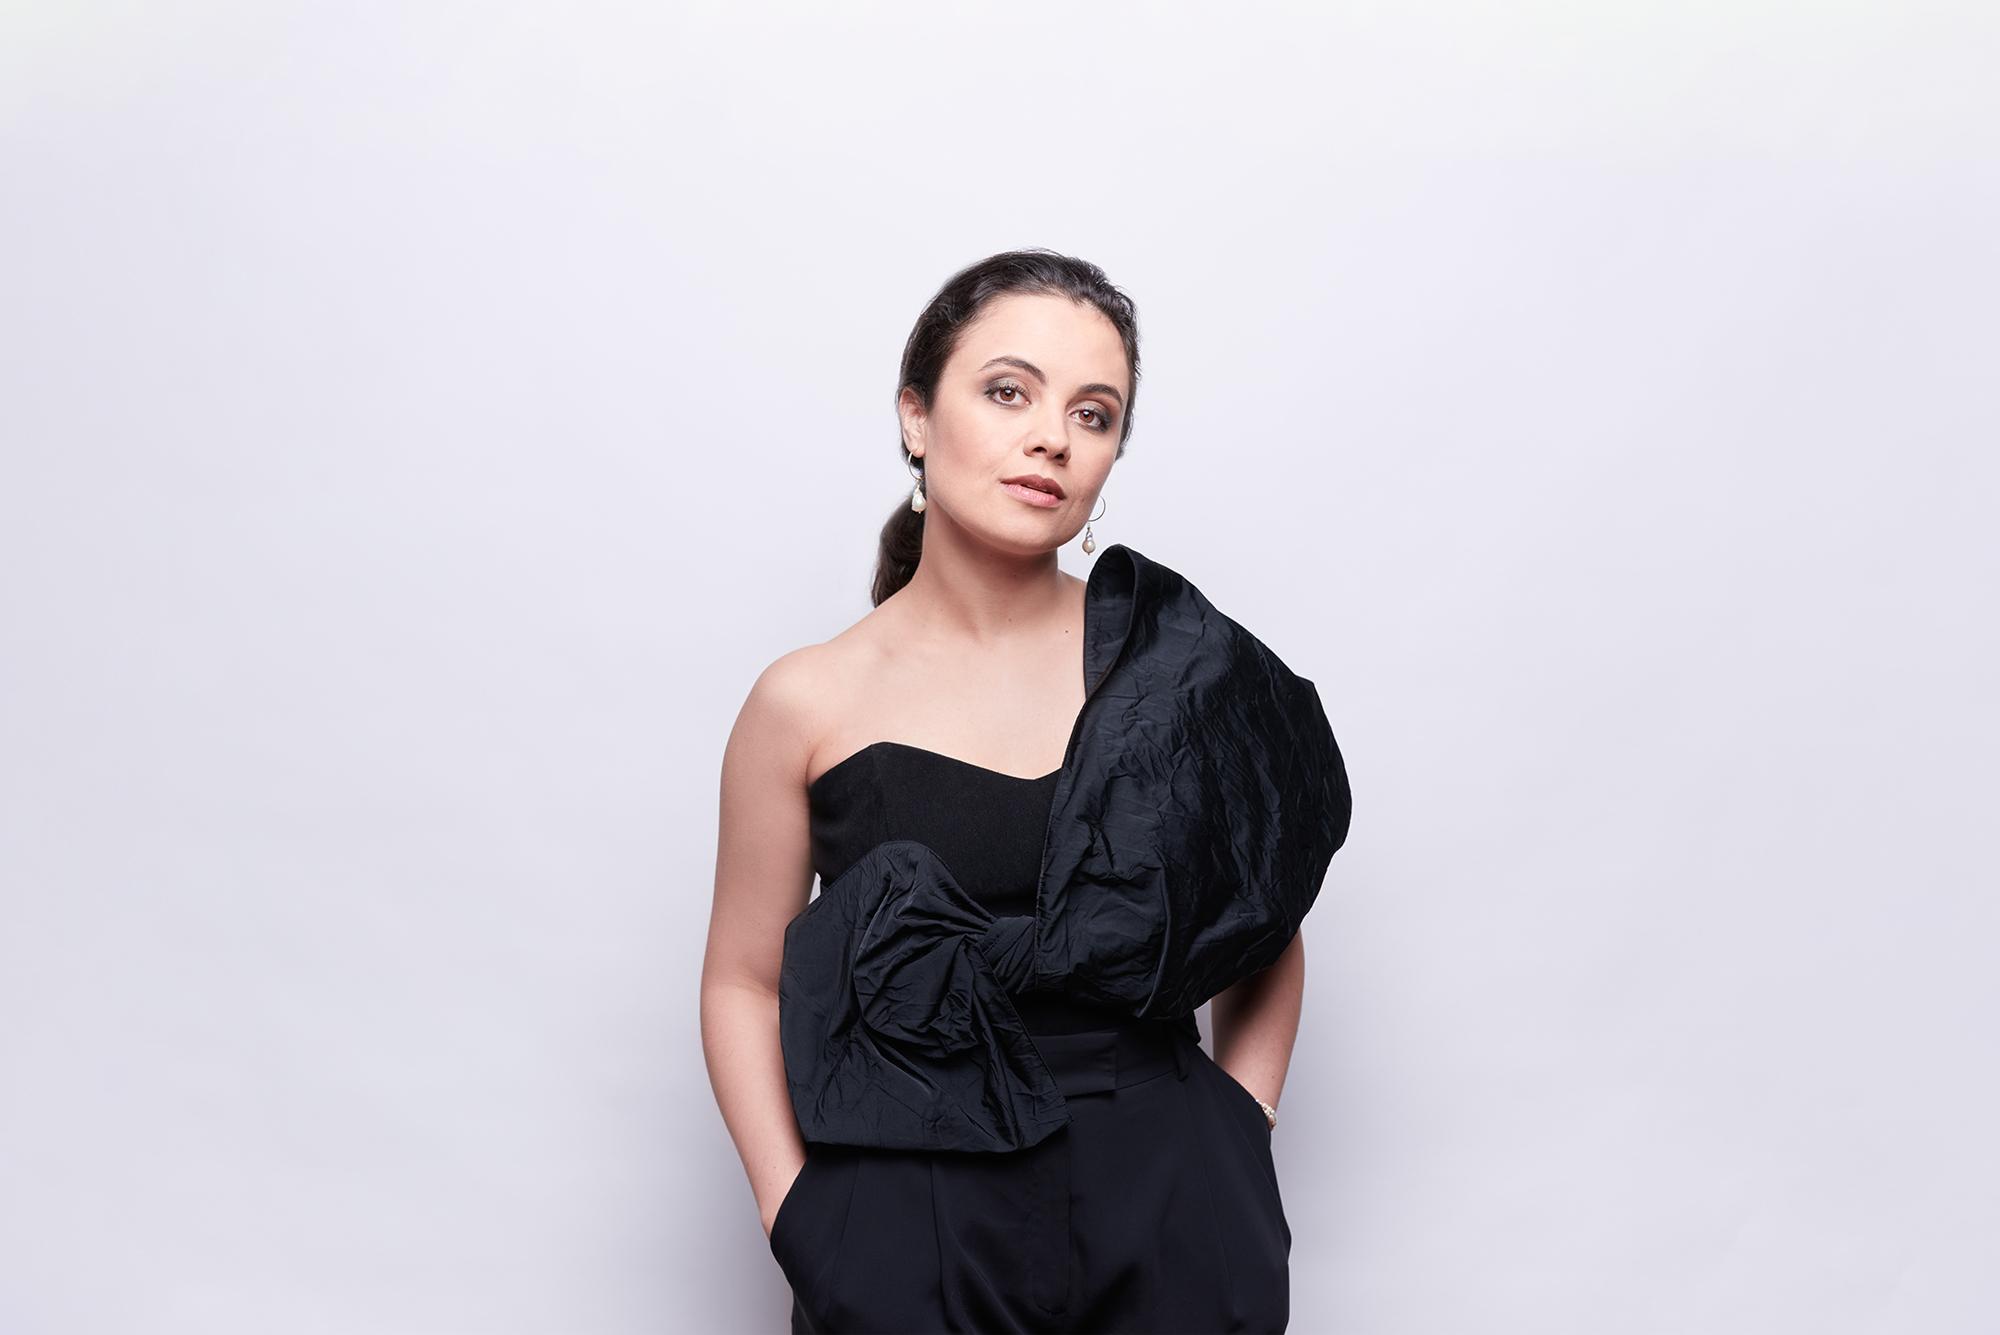 Sängerin aus Kirgisistan, Hamburgische Staatsoper